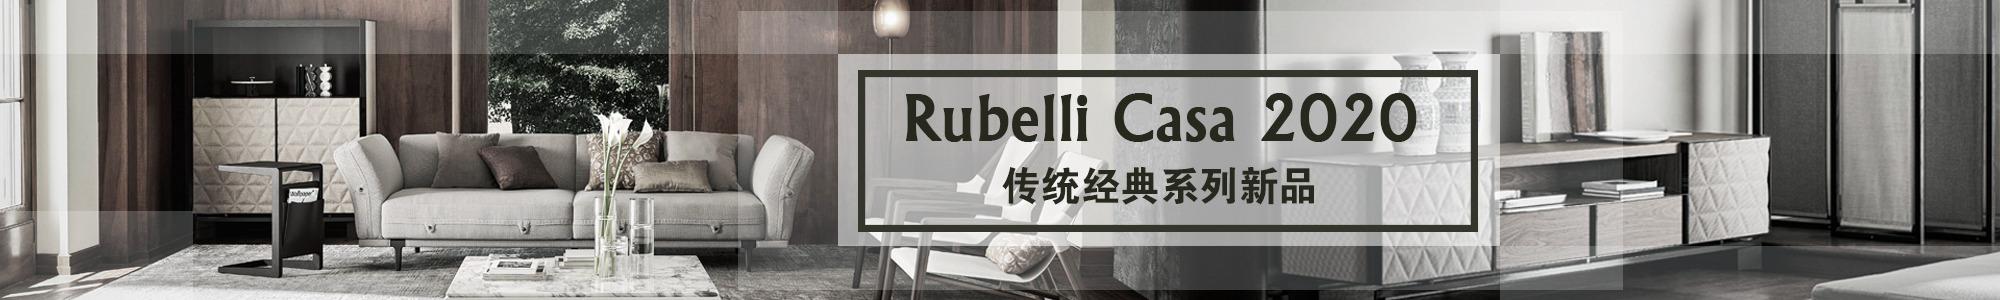 Rubelli Casa 2020系列新品